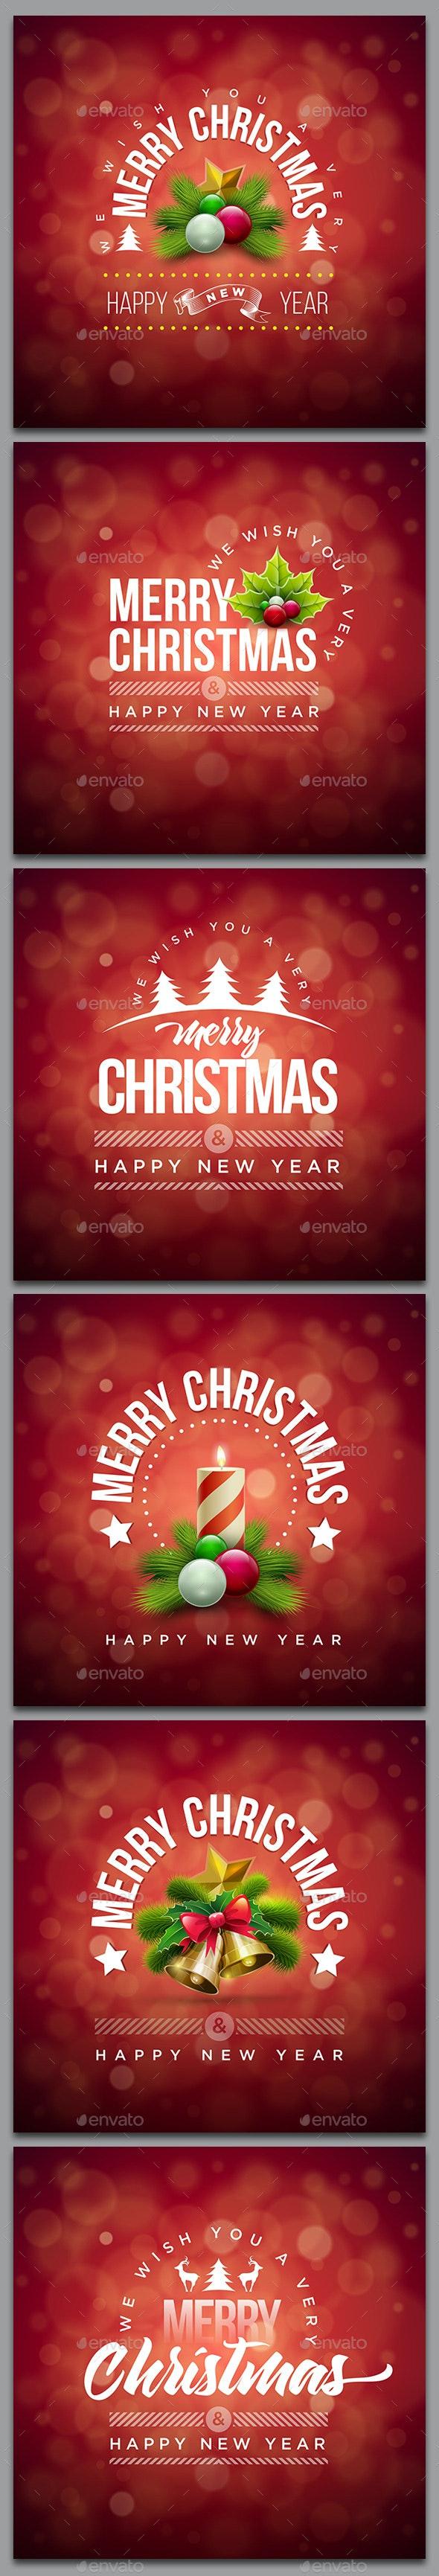 Red Christmas Card Collection - Christmas Seasons/Holidays